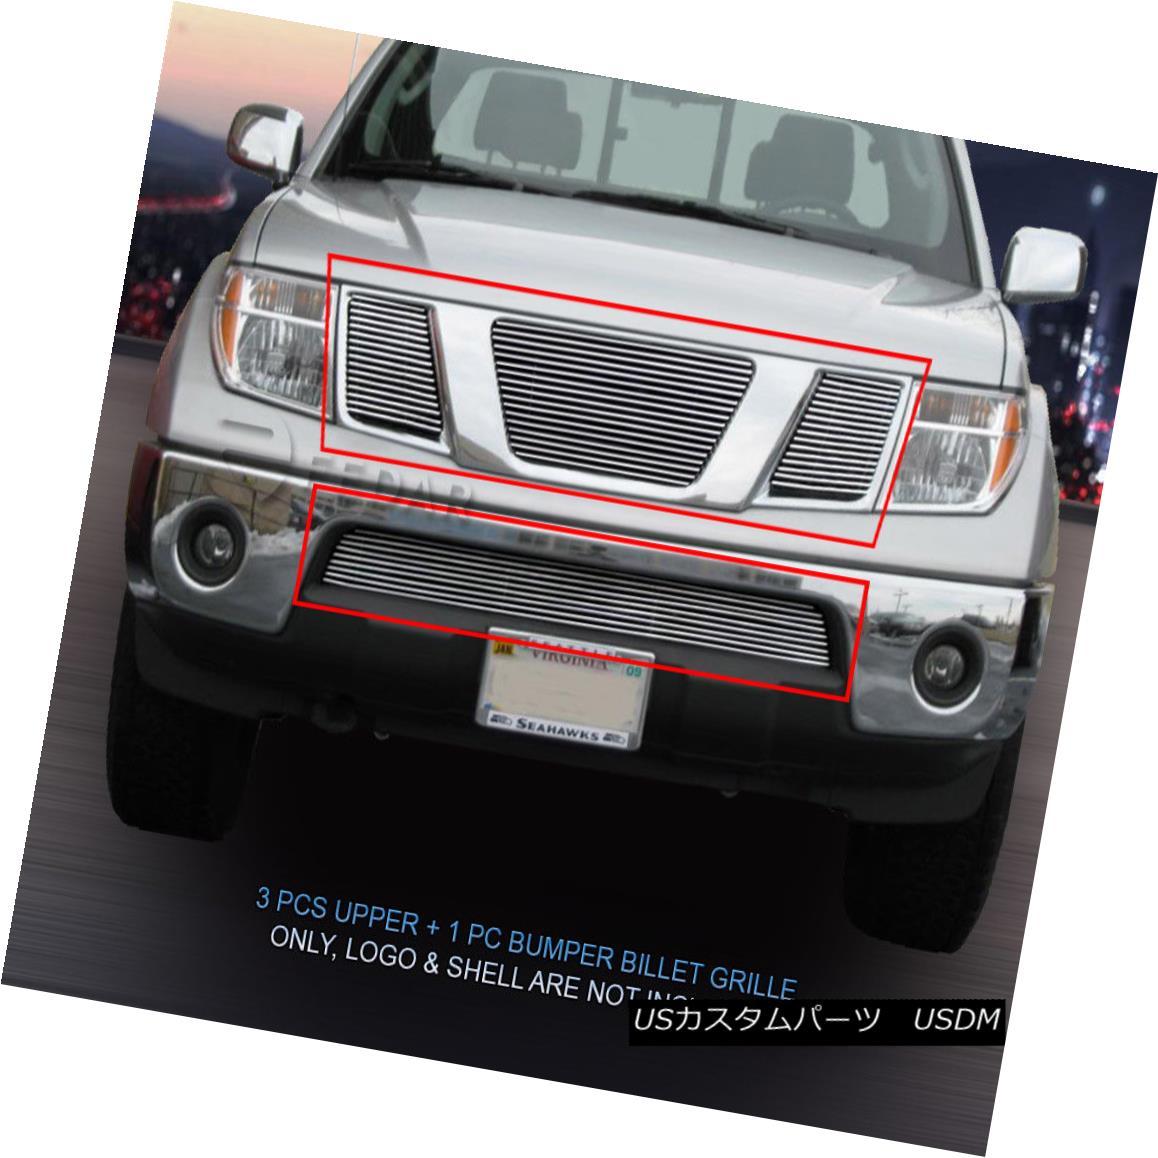 グリル Fits 09-15 Nissan Pathfinder Frontier Billet Grille Grill Combo Insert Fedar フィット09?15日産パスファインダーフロンティアビレットグリルグリルコンボインサートFedar